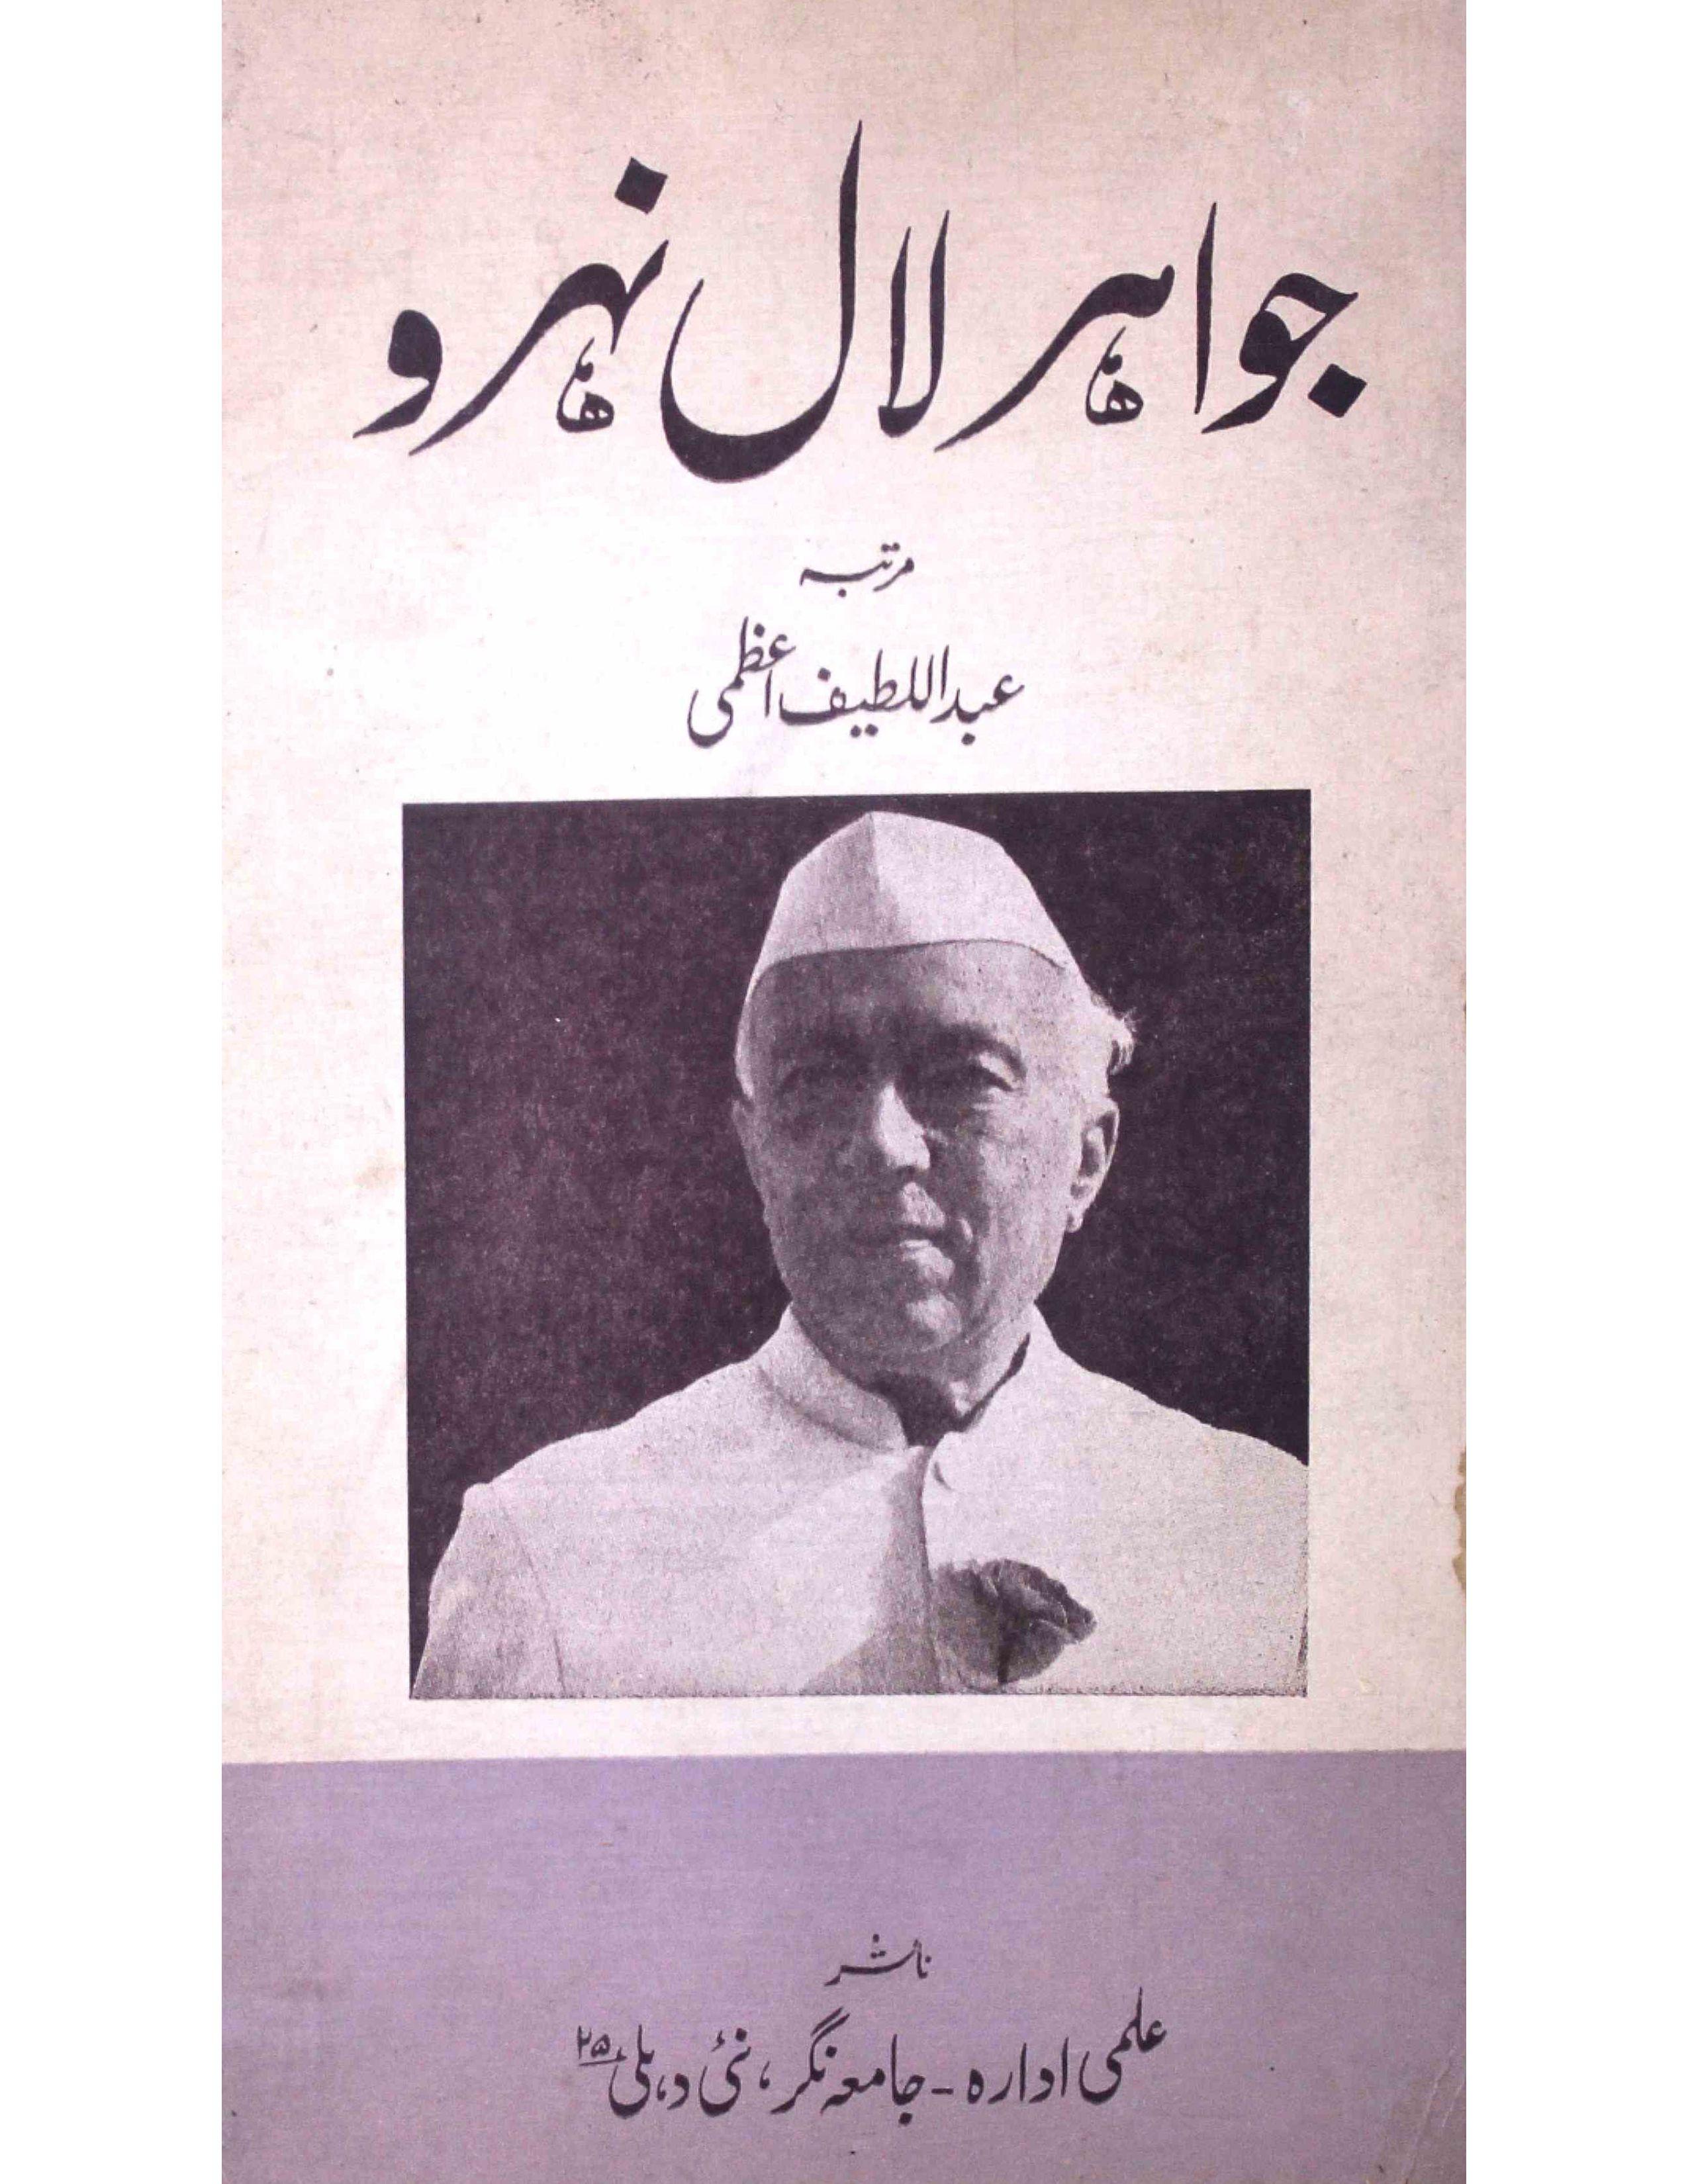 Jawahar Lal Nehru Ek Mutala